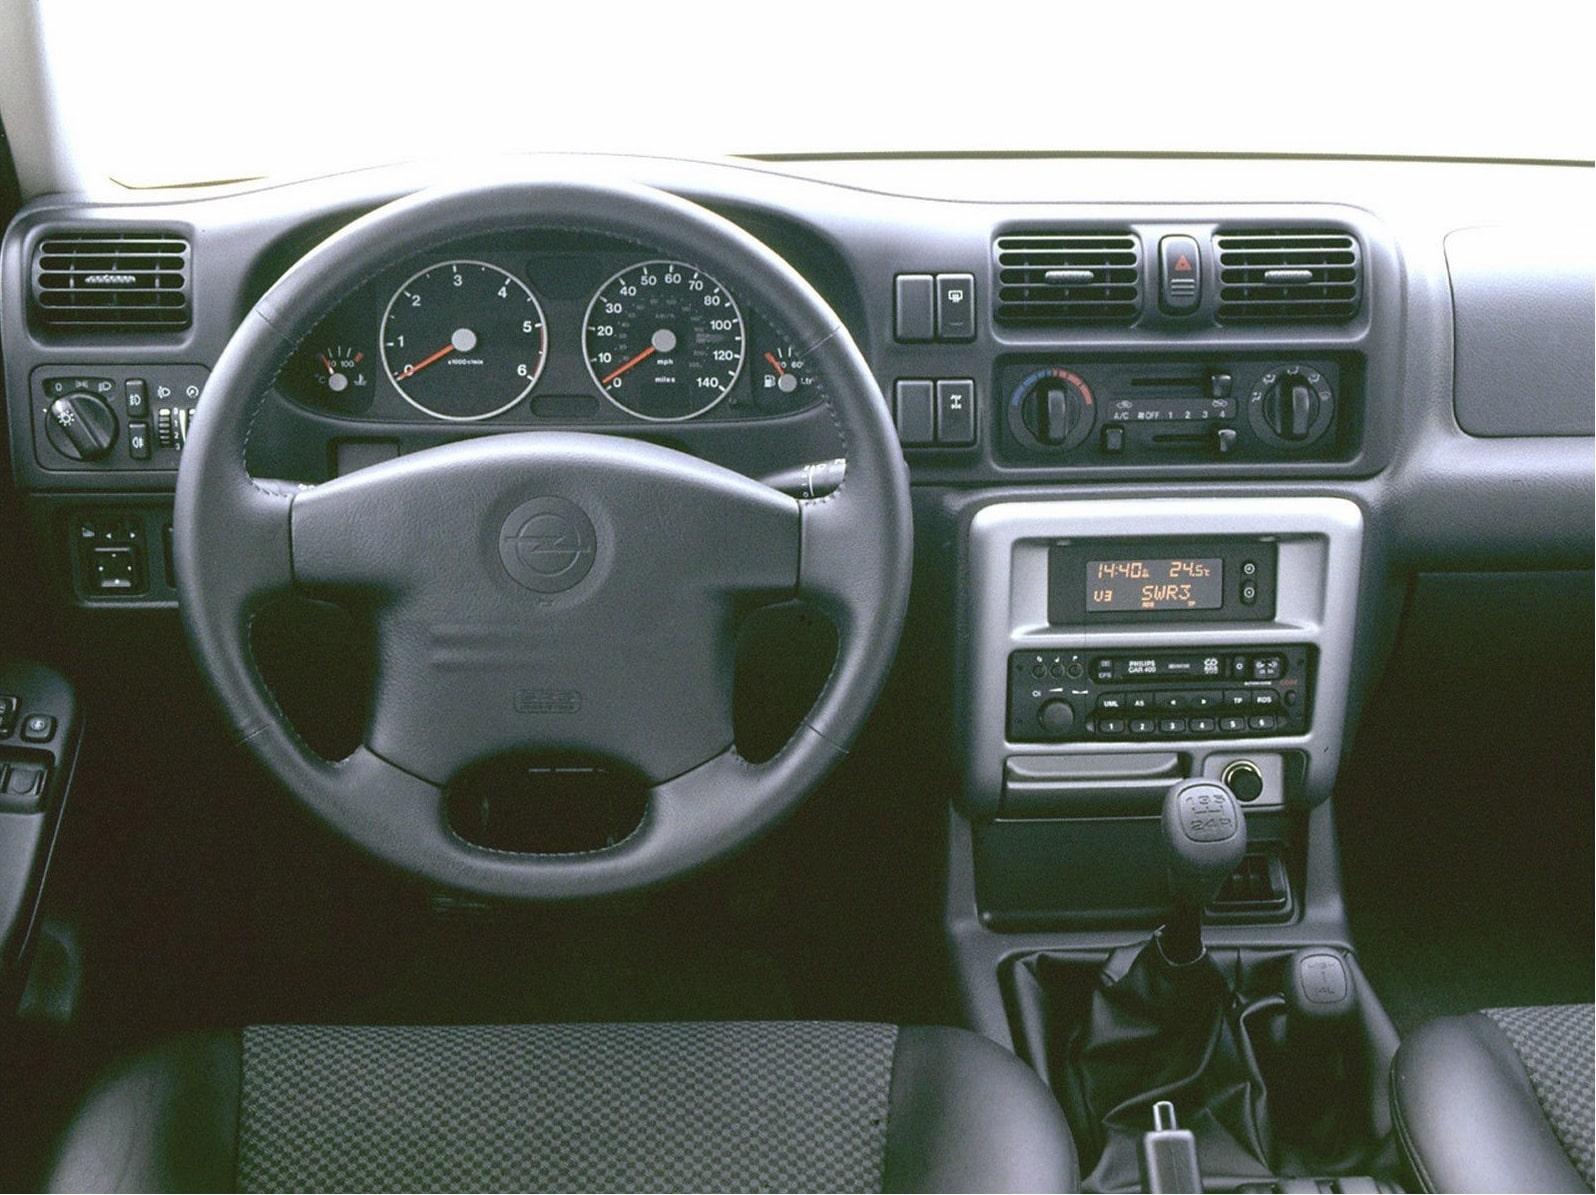 Vauxhall Frontera Radio Code